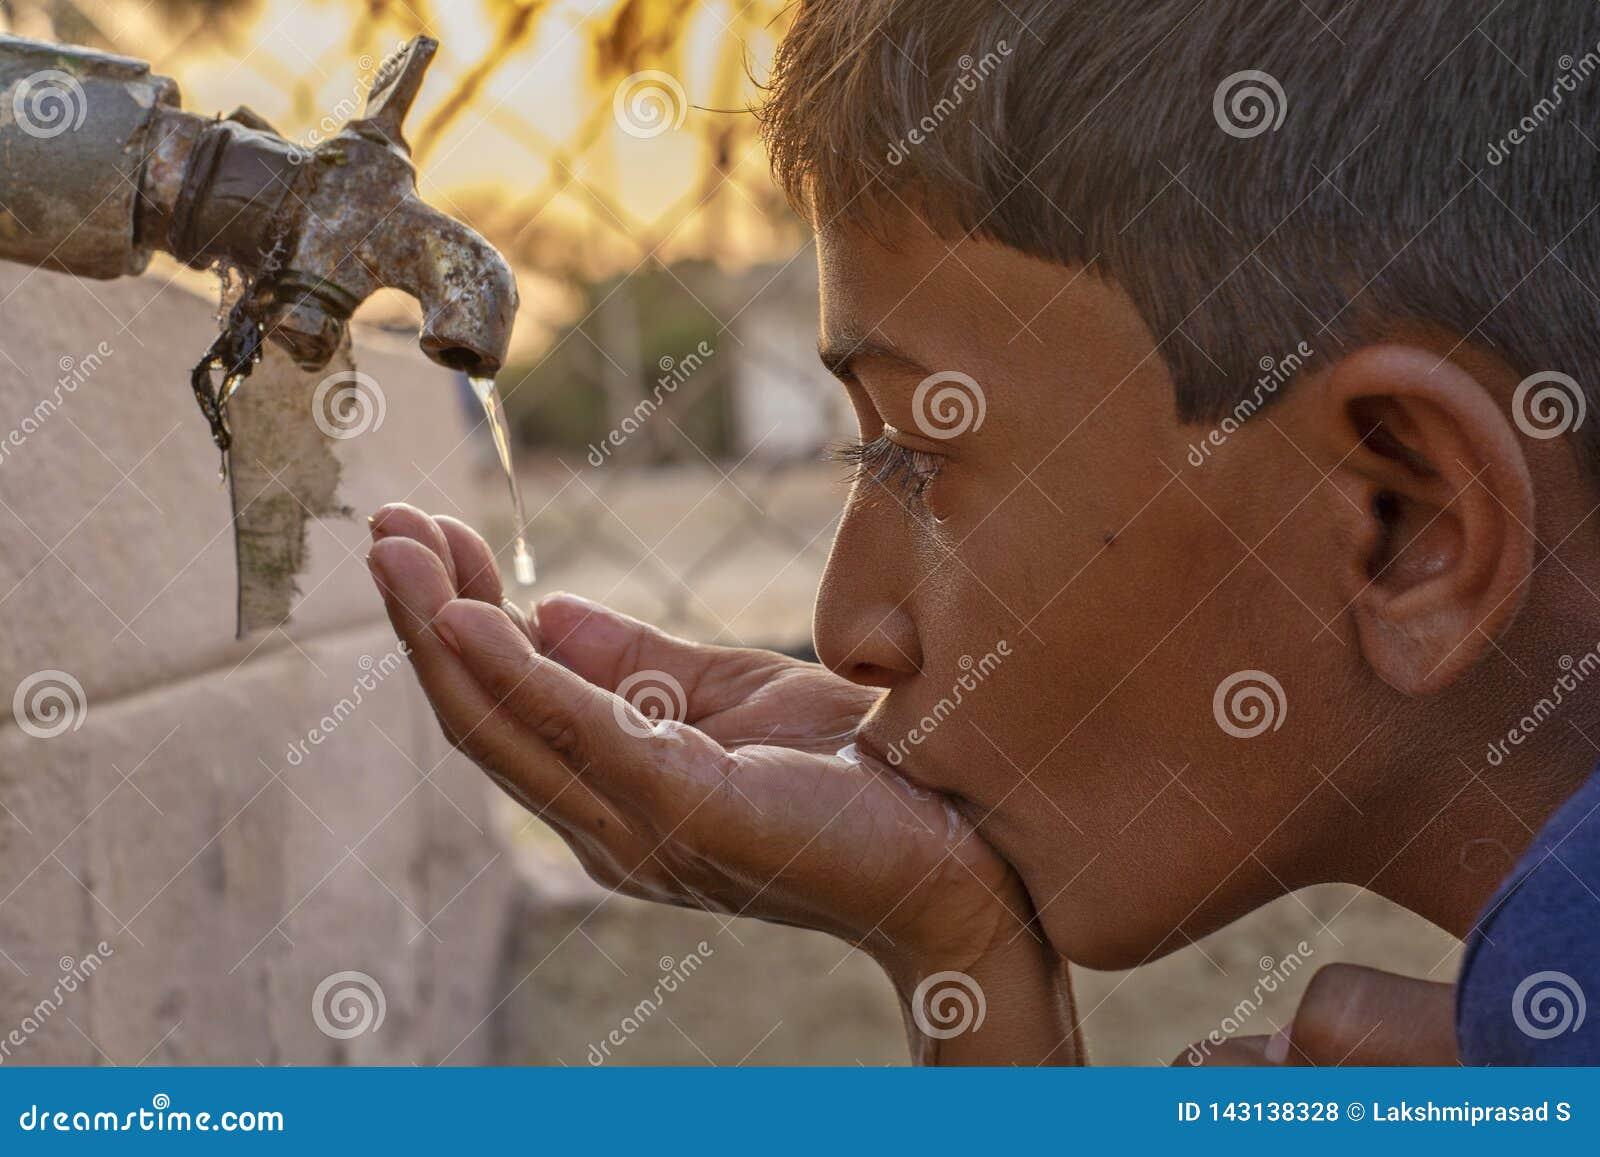 Maska, Karnataka, India - 26, Marzec 2019: Zbliżenie dziecko woda pitna bezpośrednio od korporacji wody kranowej w India